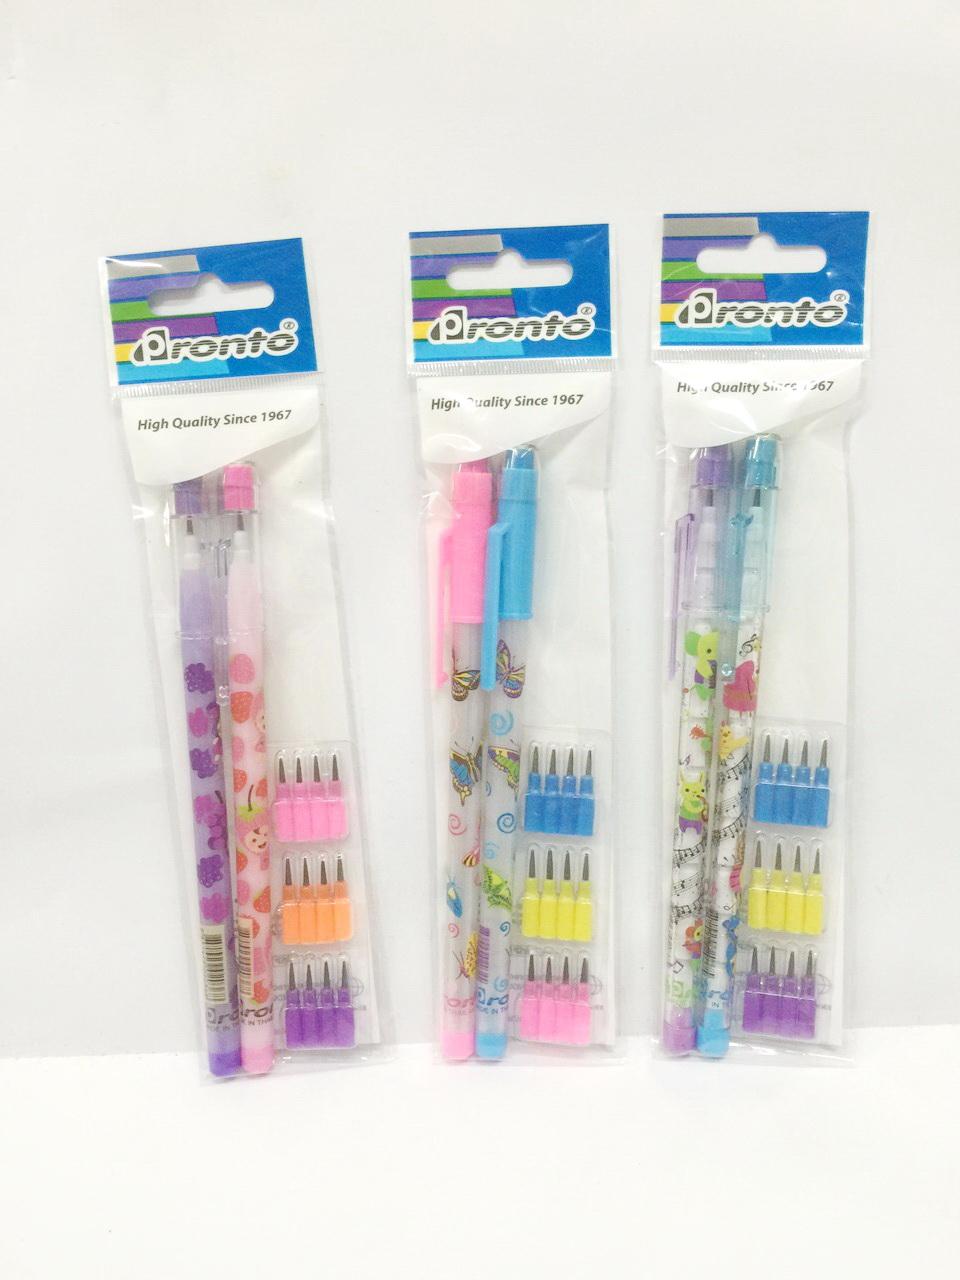 เซ็ตดินสอต่อไส้ 2 ด้ามพร้อมรีฟิล (ขายส่งกระป๋อง 20 ชุด)